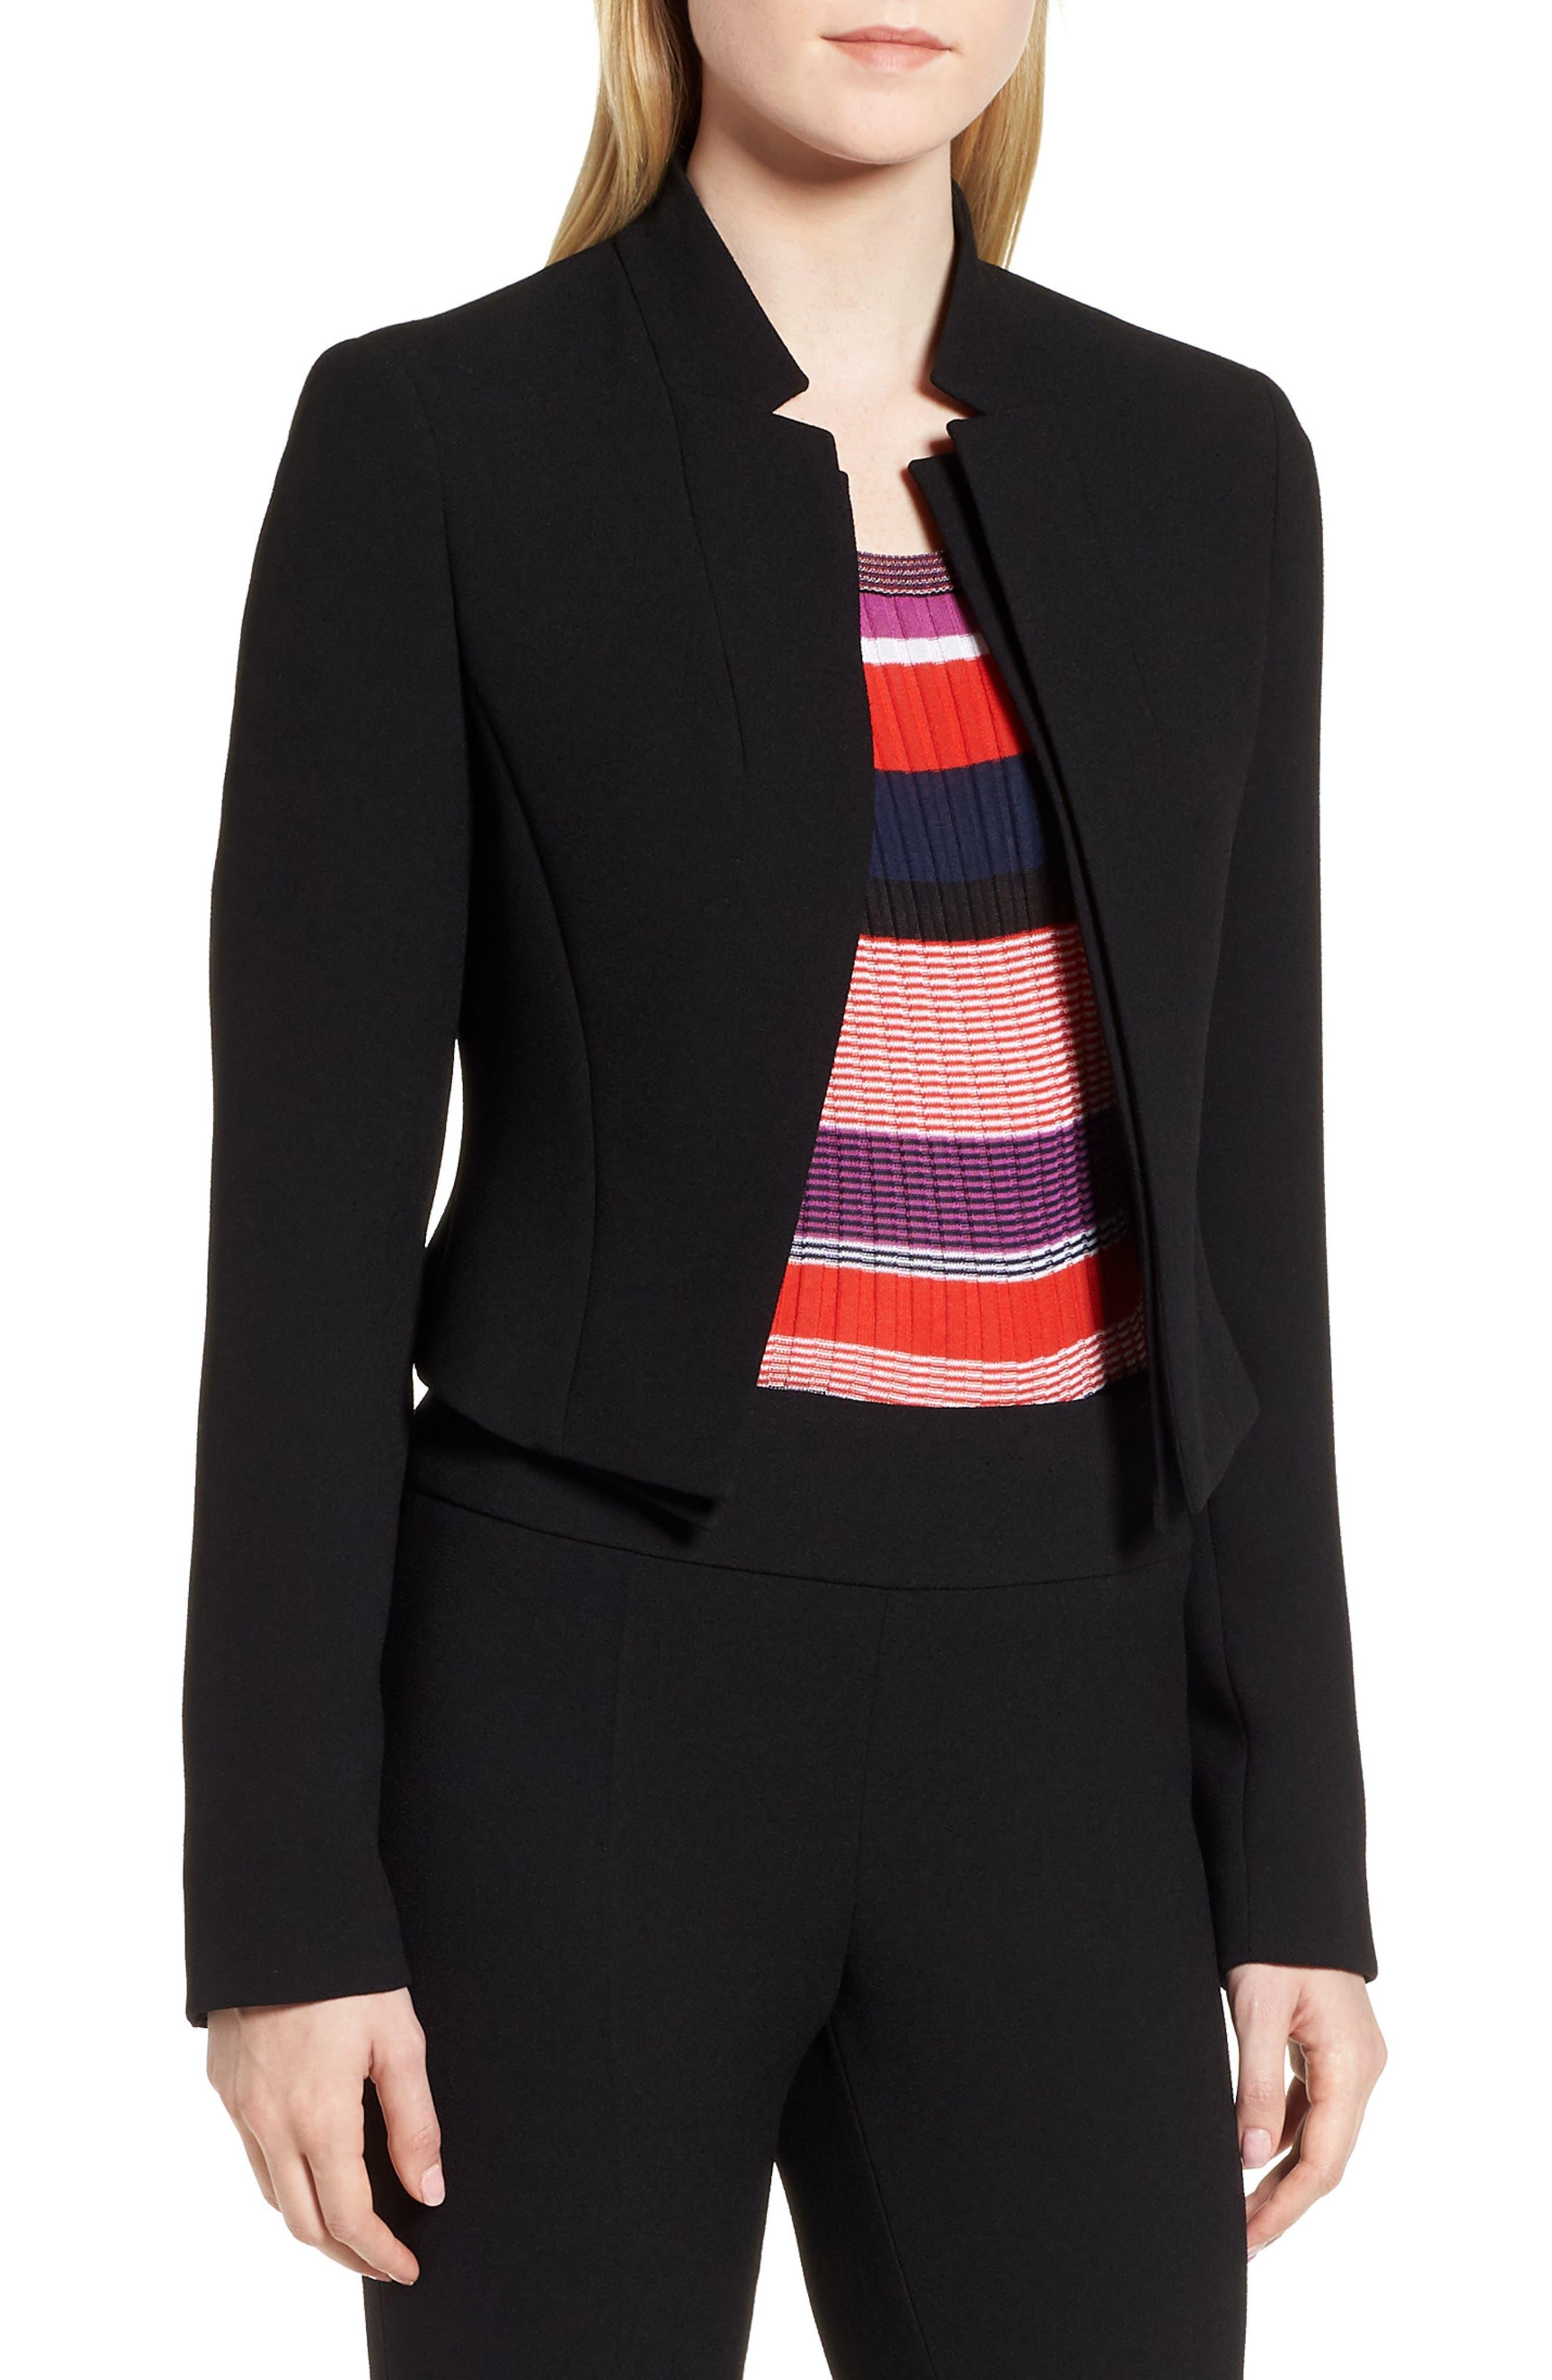 Jisala Compact Crepe Crop Jacket,                             Main thumbnail 1, color,                             Black